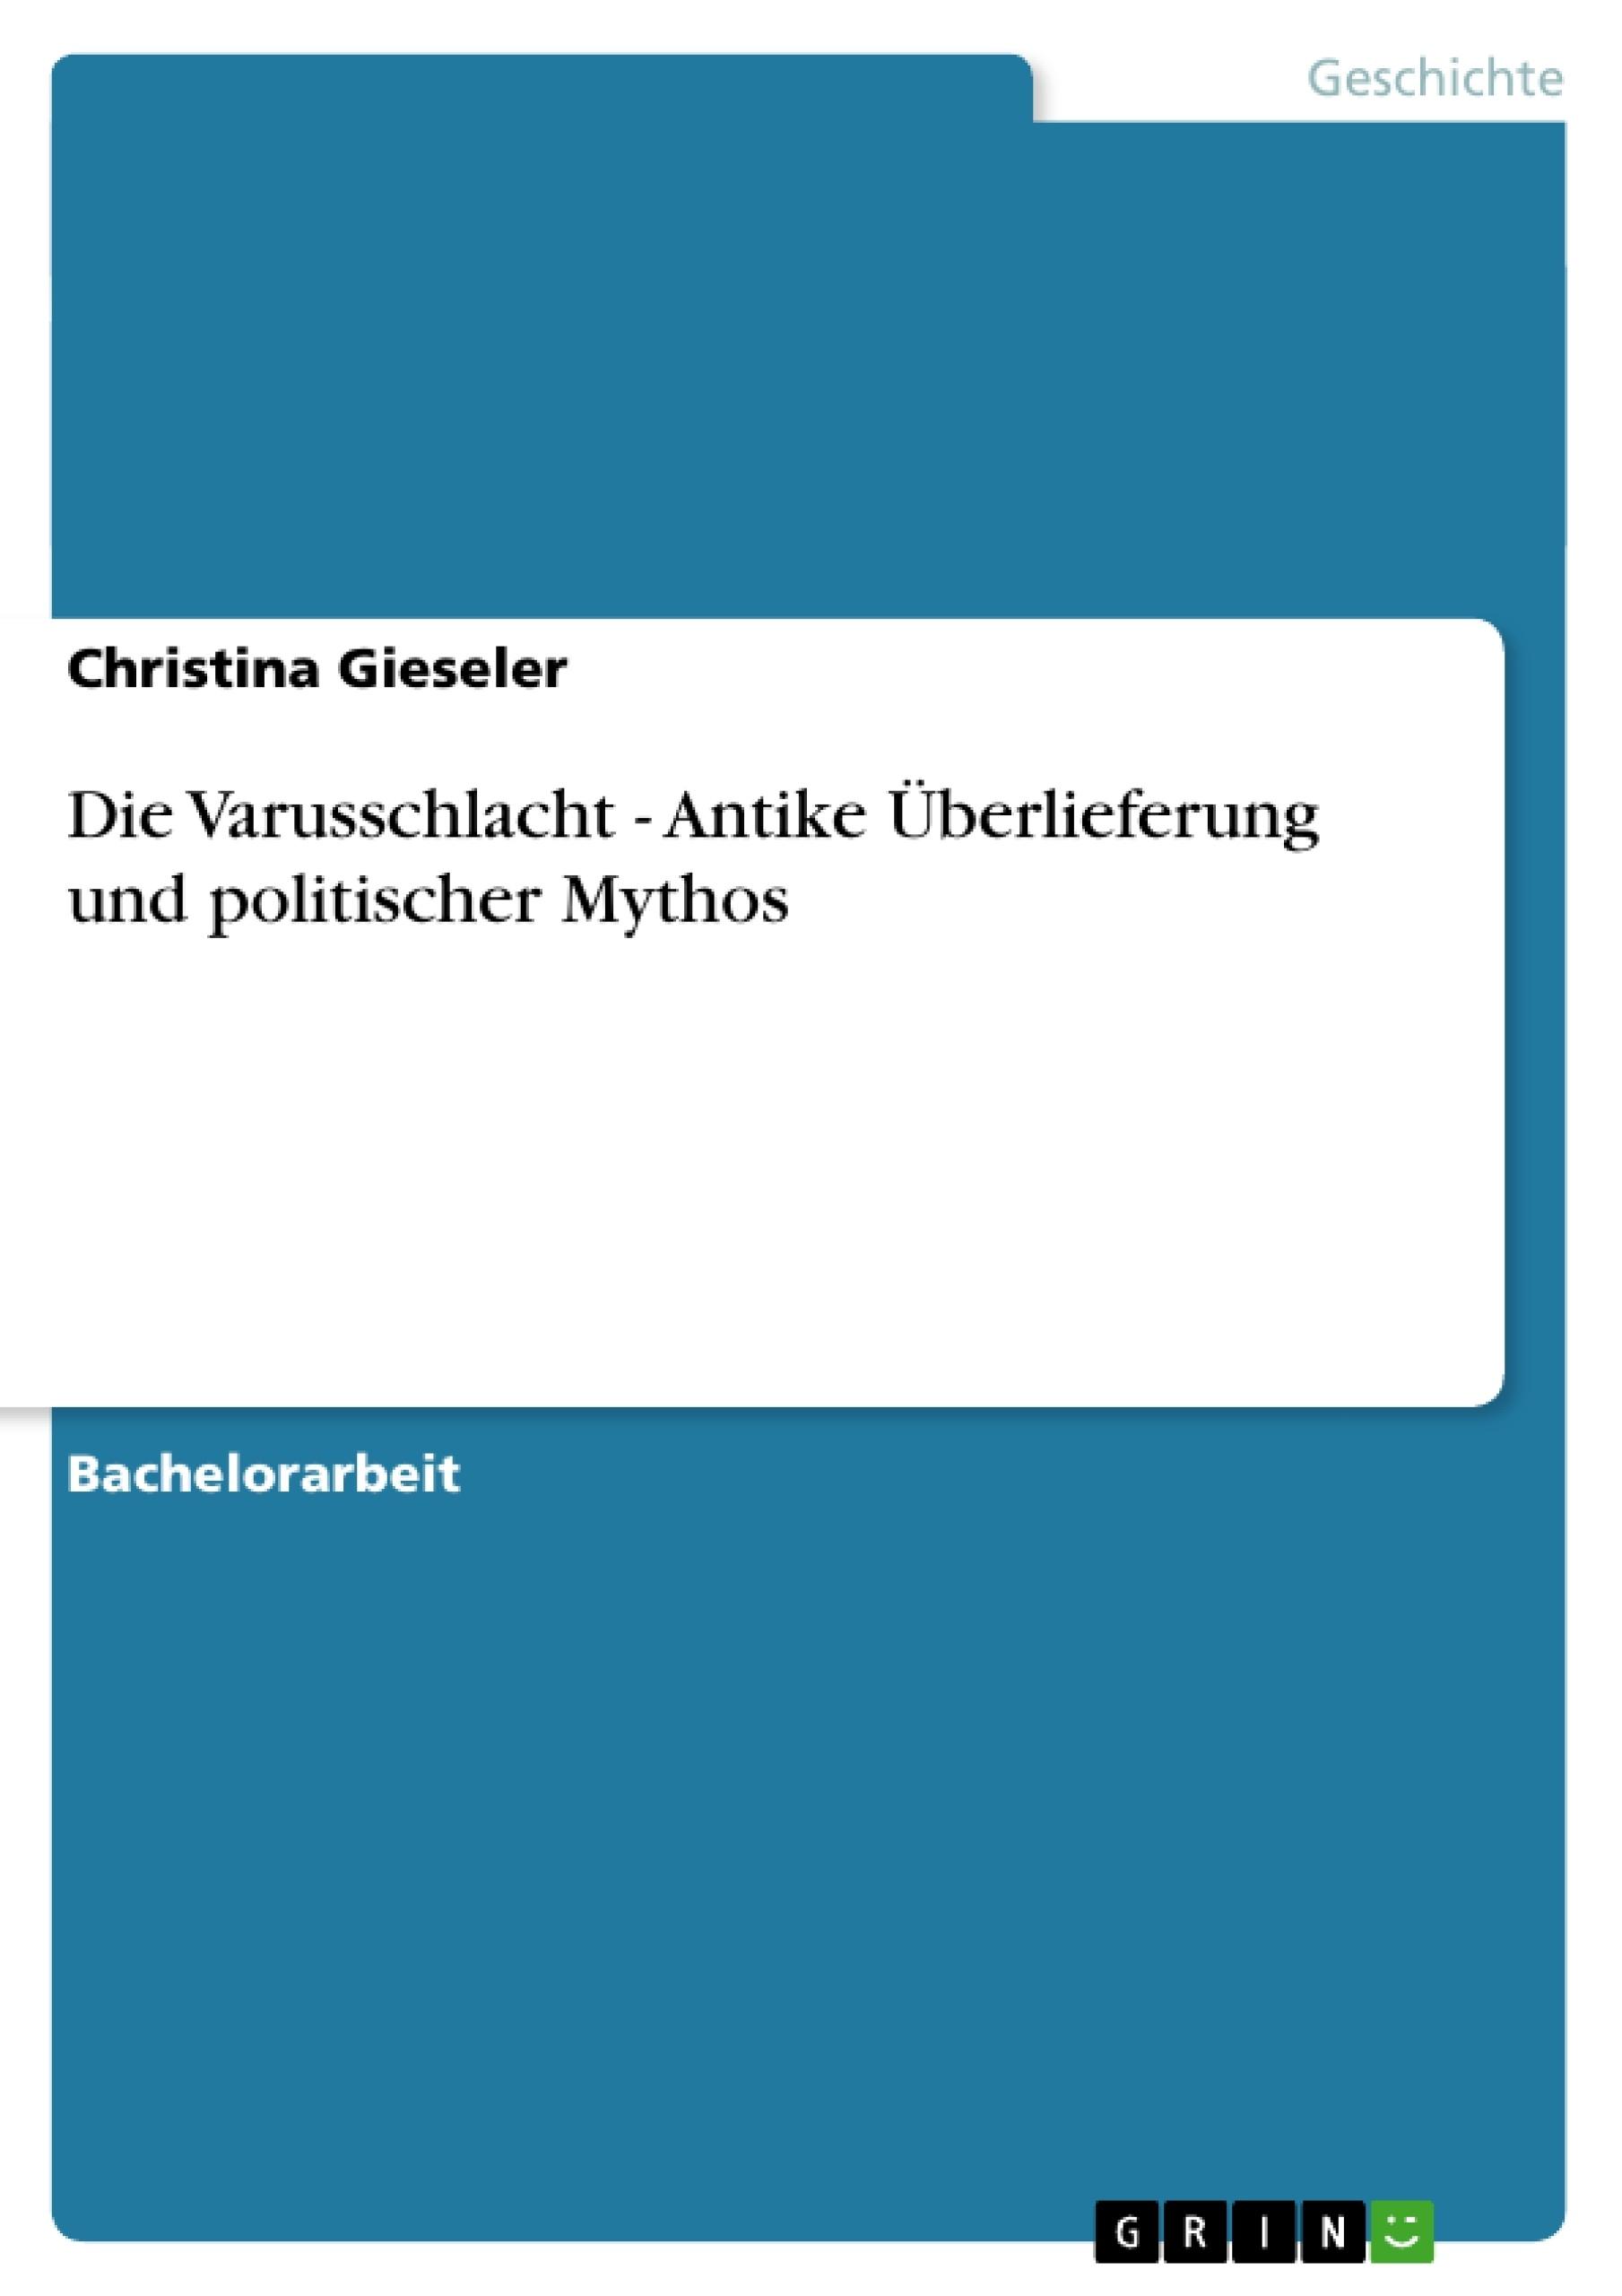 Titel: Die Varusschlacht - Antike Überlieferung und politischer Mythos